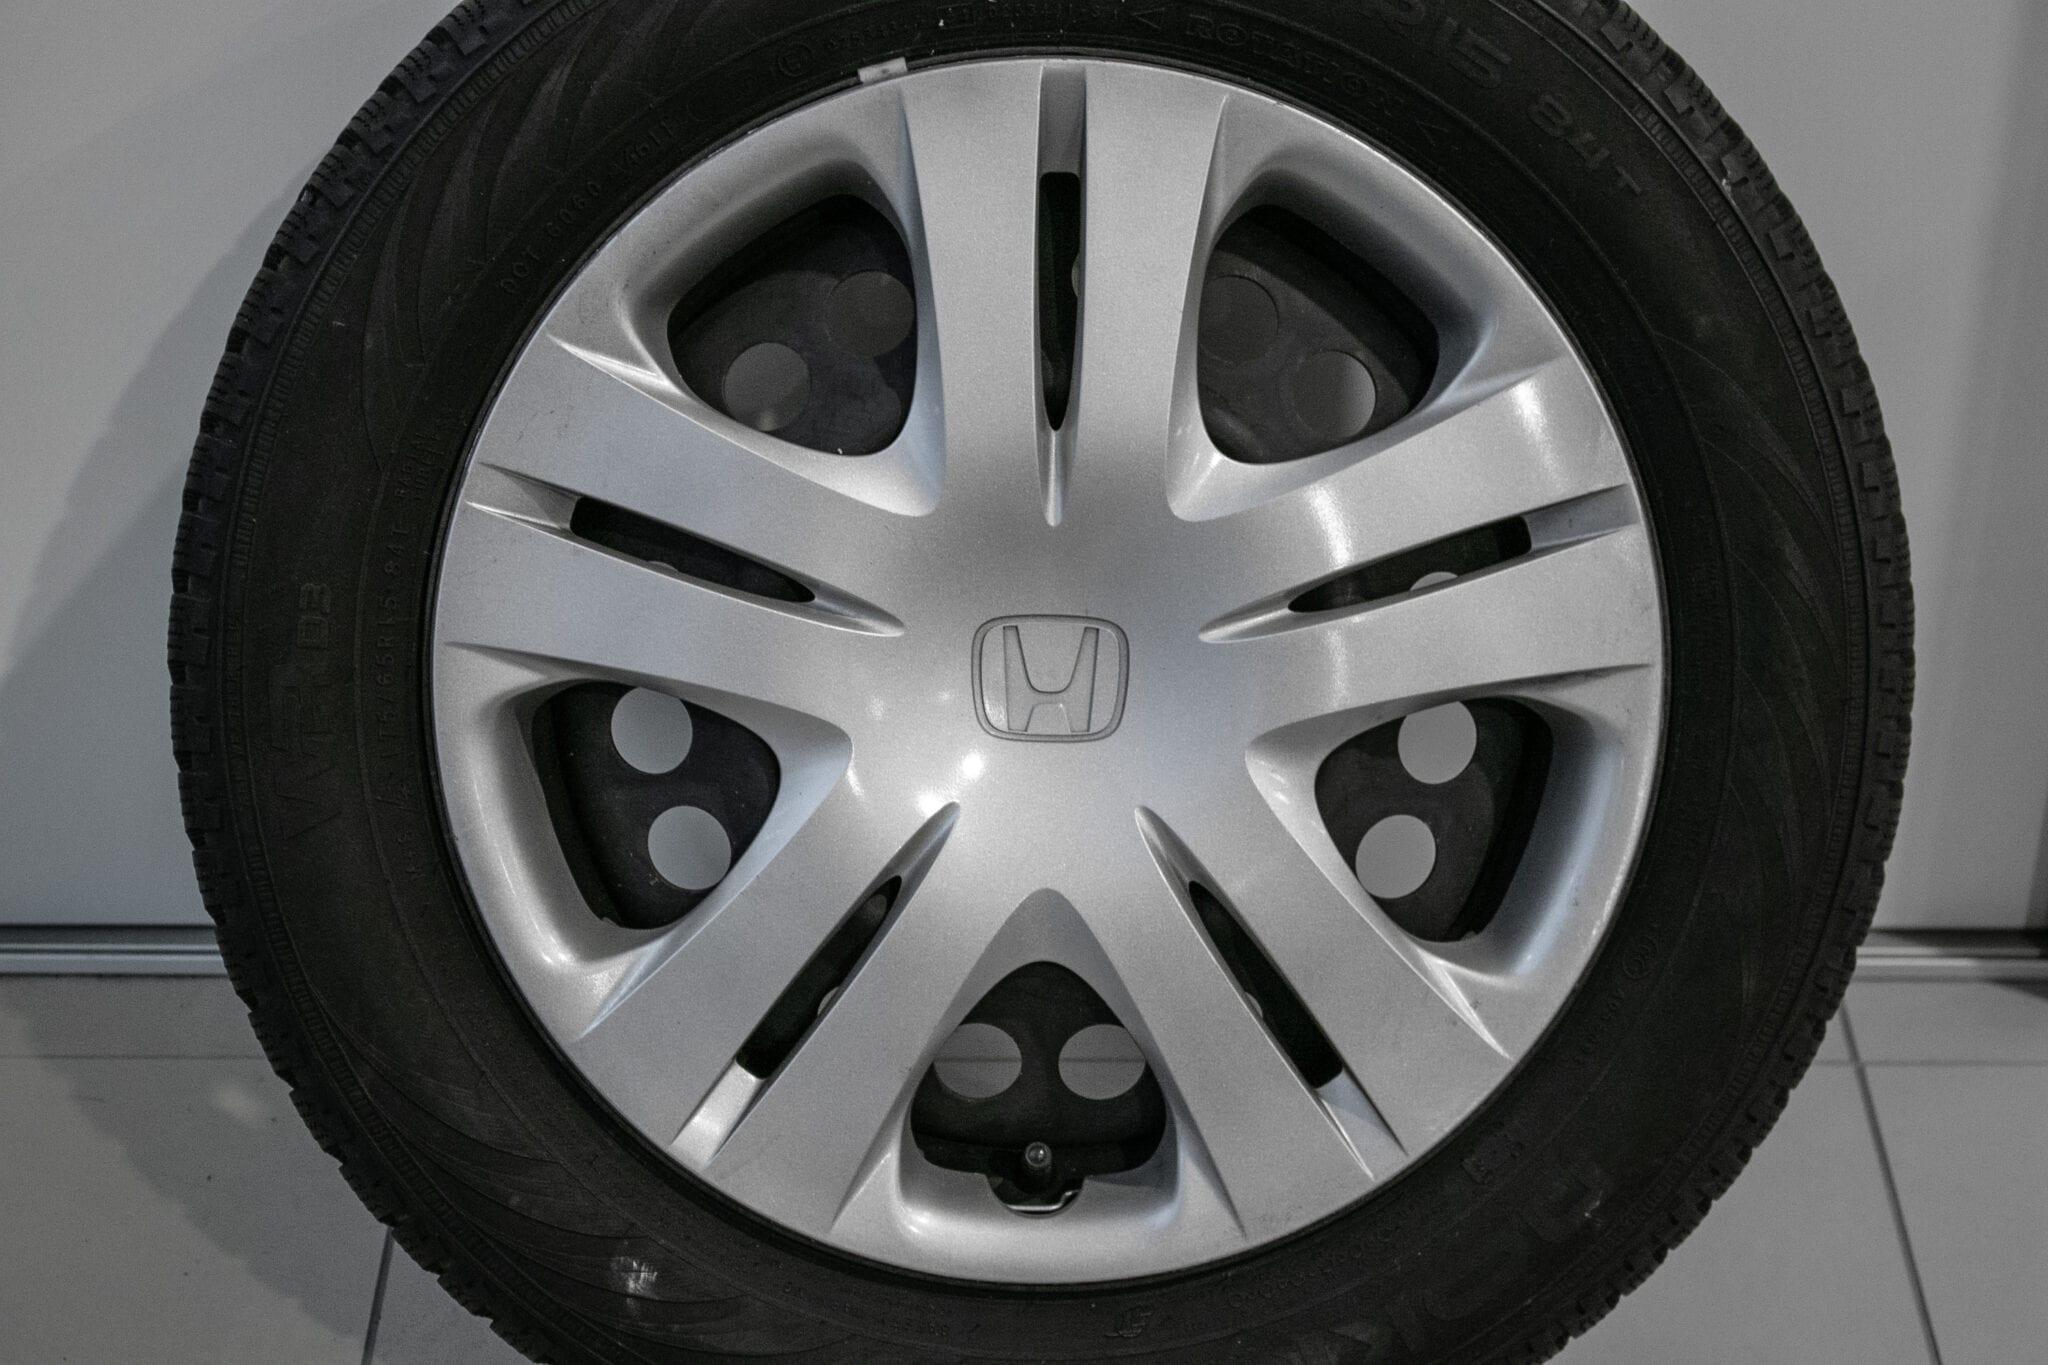 """15"""" Winterwielen voor de Honda Jazz ('09-'19) en de Honda Insight €175,- Gebruikt. Profieldiepte: 6mm - 6.8mm"""